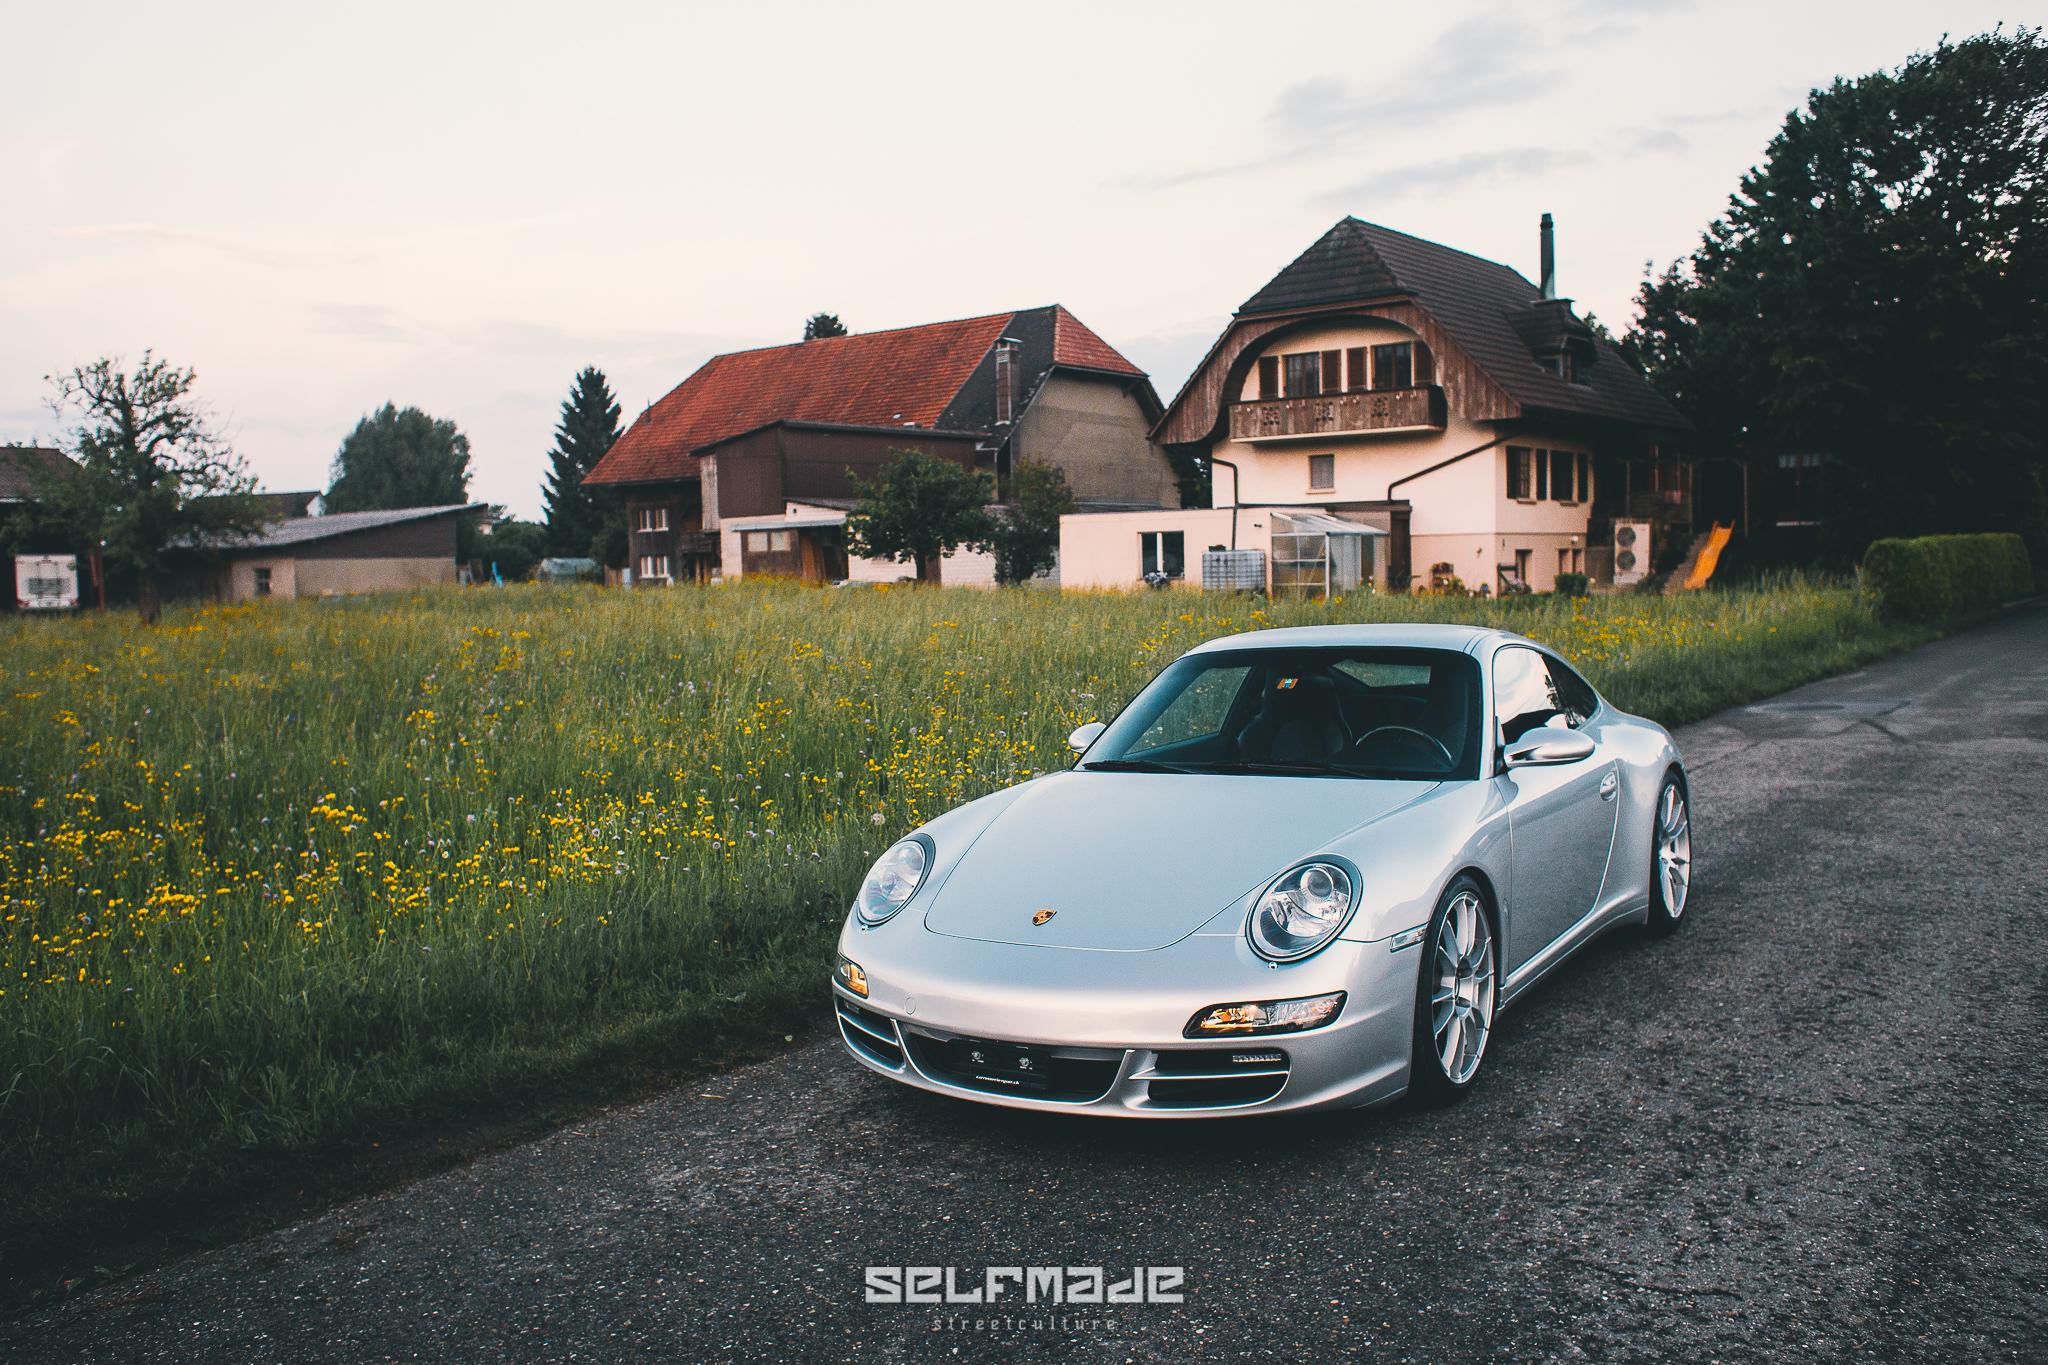 Porsche911_Selfmade (31).jpg